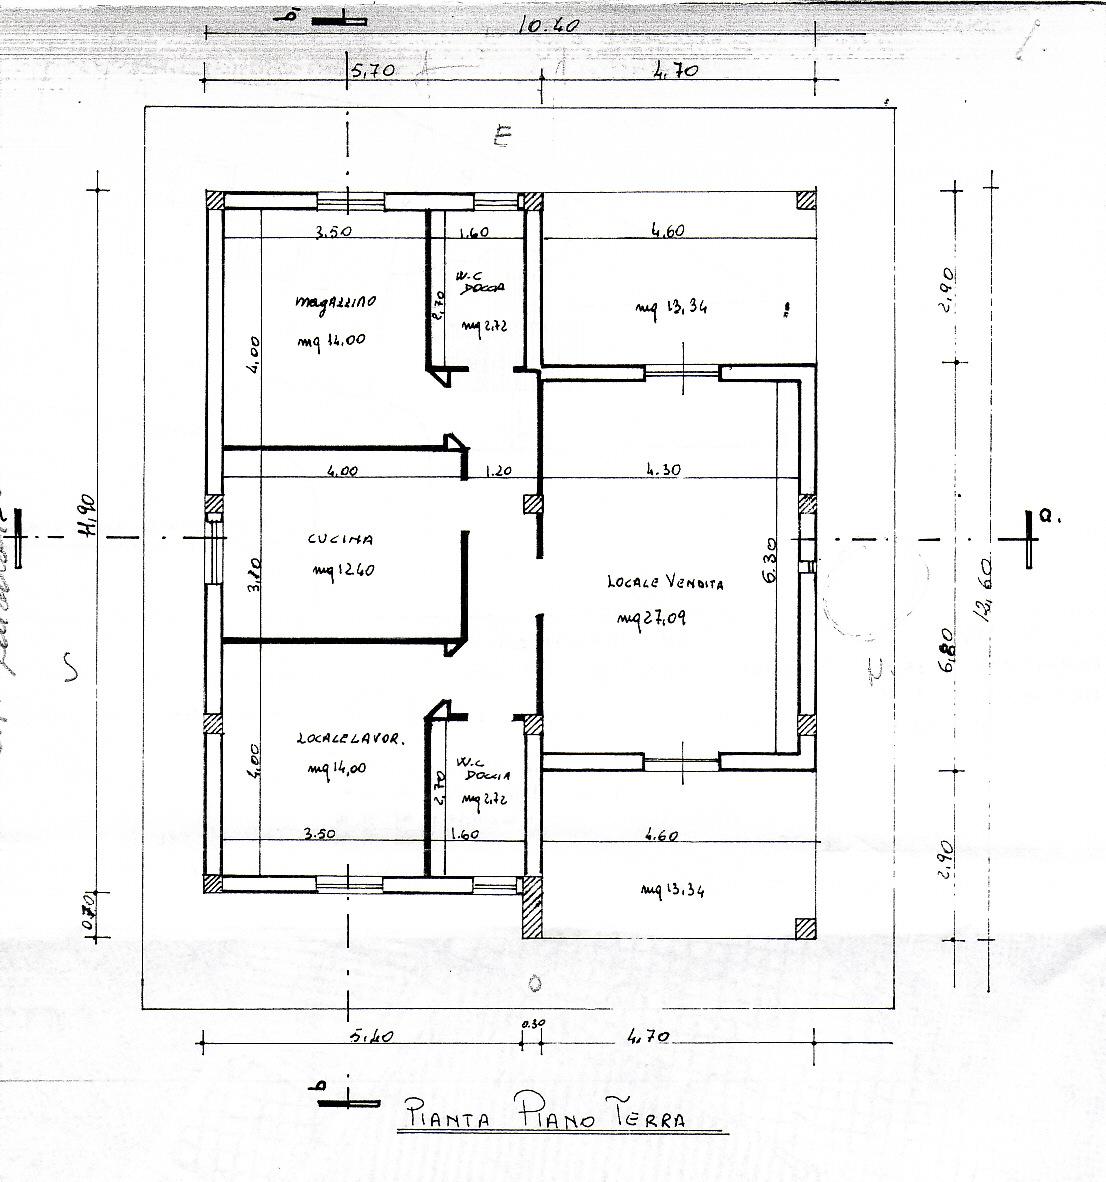 Villa florida agenzia greco immobiliare for Creatore del piano terra del negozio